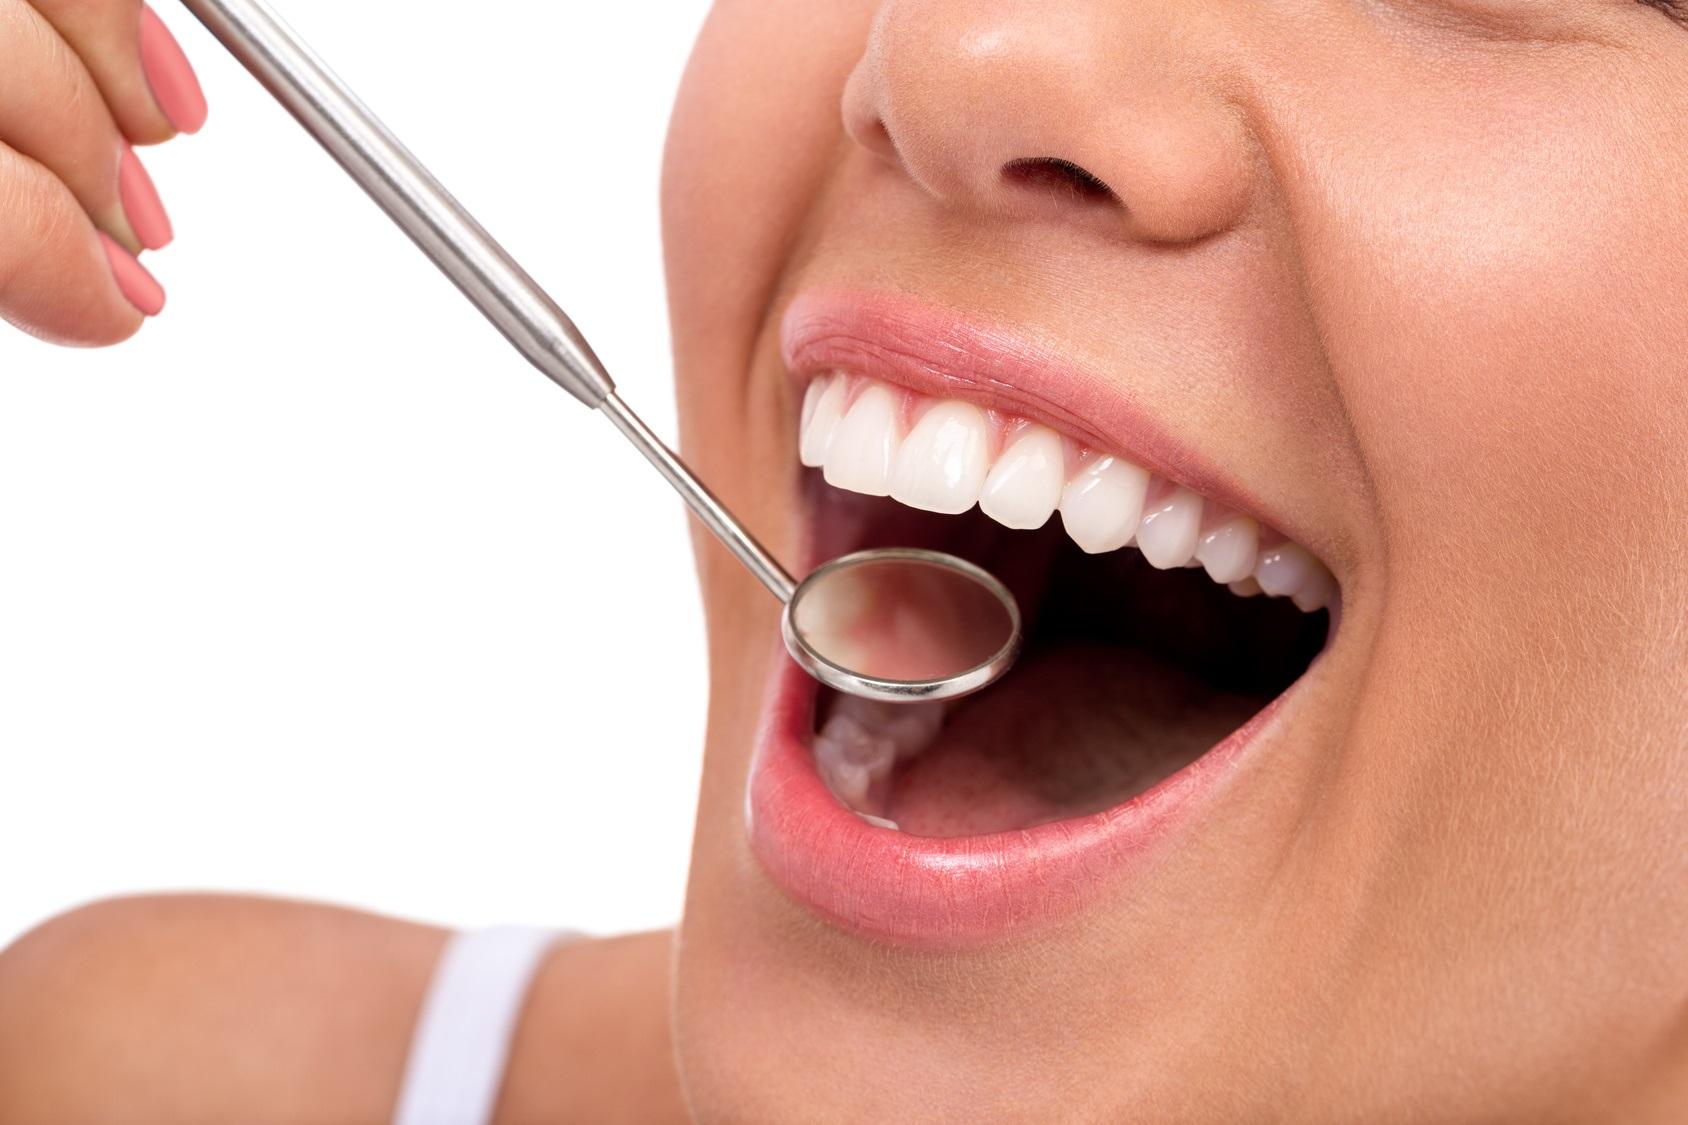 Brak zębów postarza i jest źródłem chorób. Jak temu zapobiec?